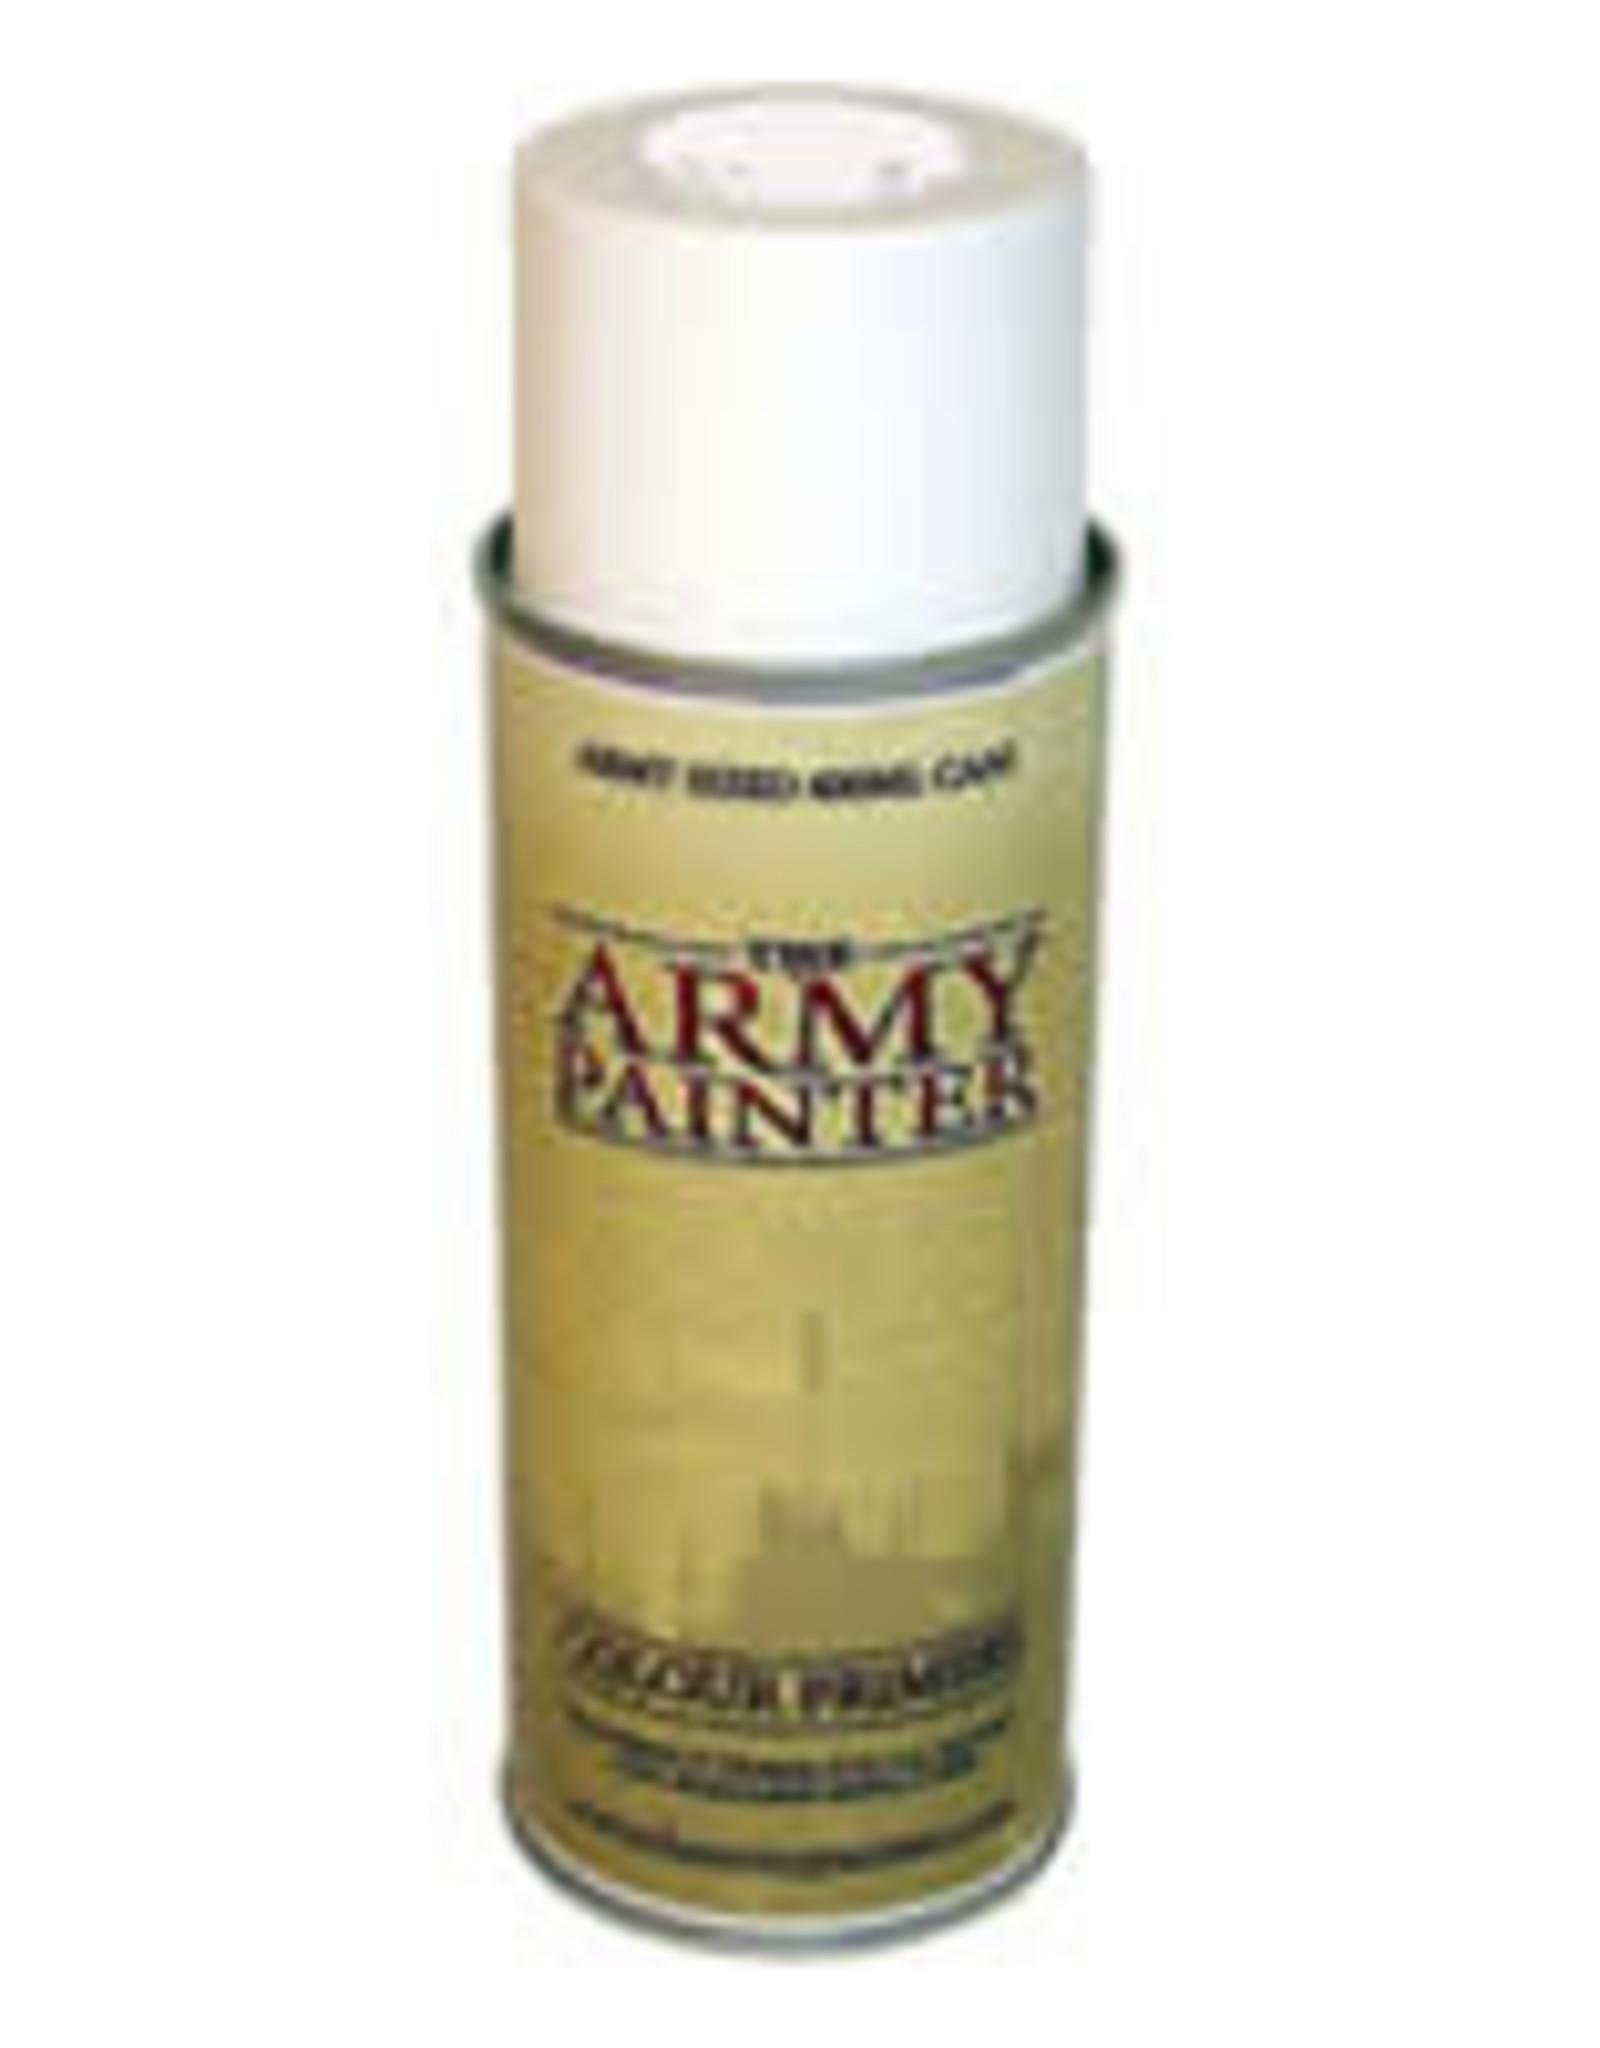 Army Painter Army Painter: Anti-shine Matte Varnish (Spray)